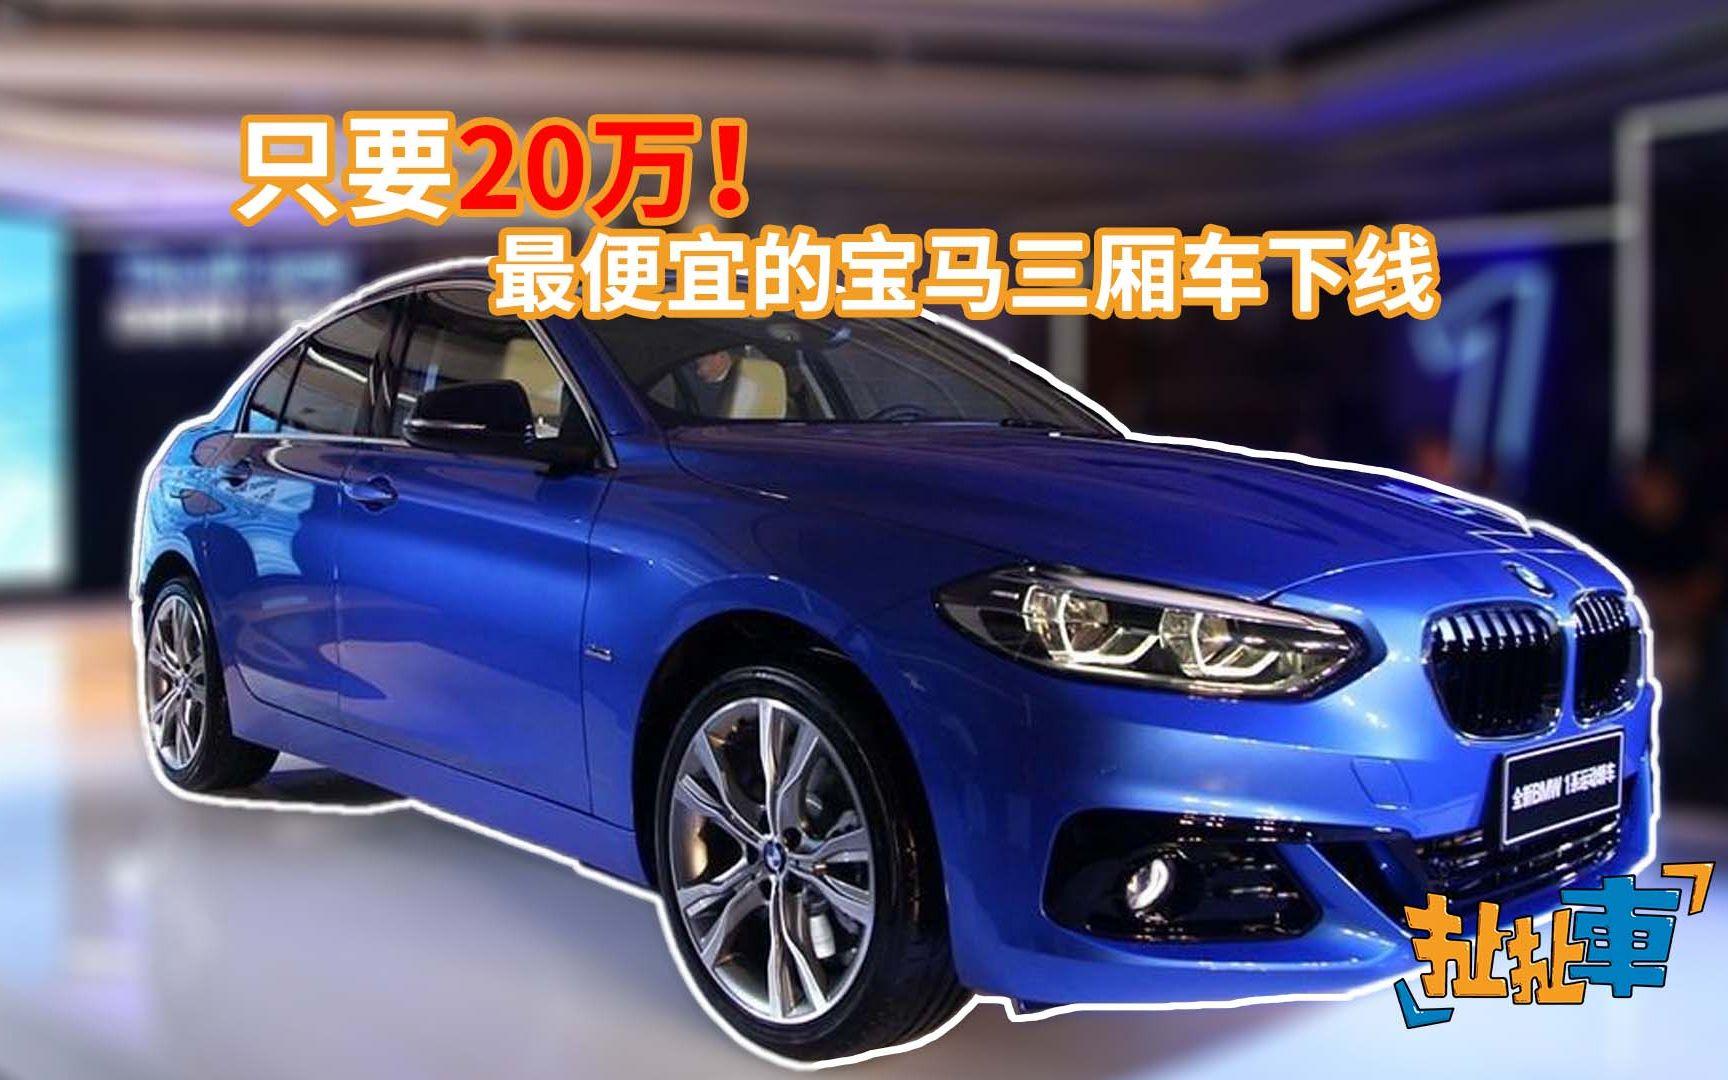 宝马最便宜的车_国人的福利 最便宜宝马新车只卖中国